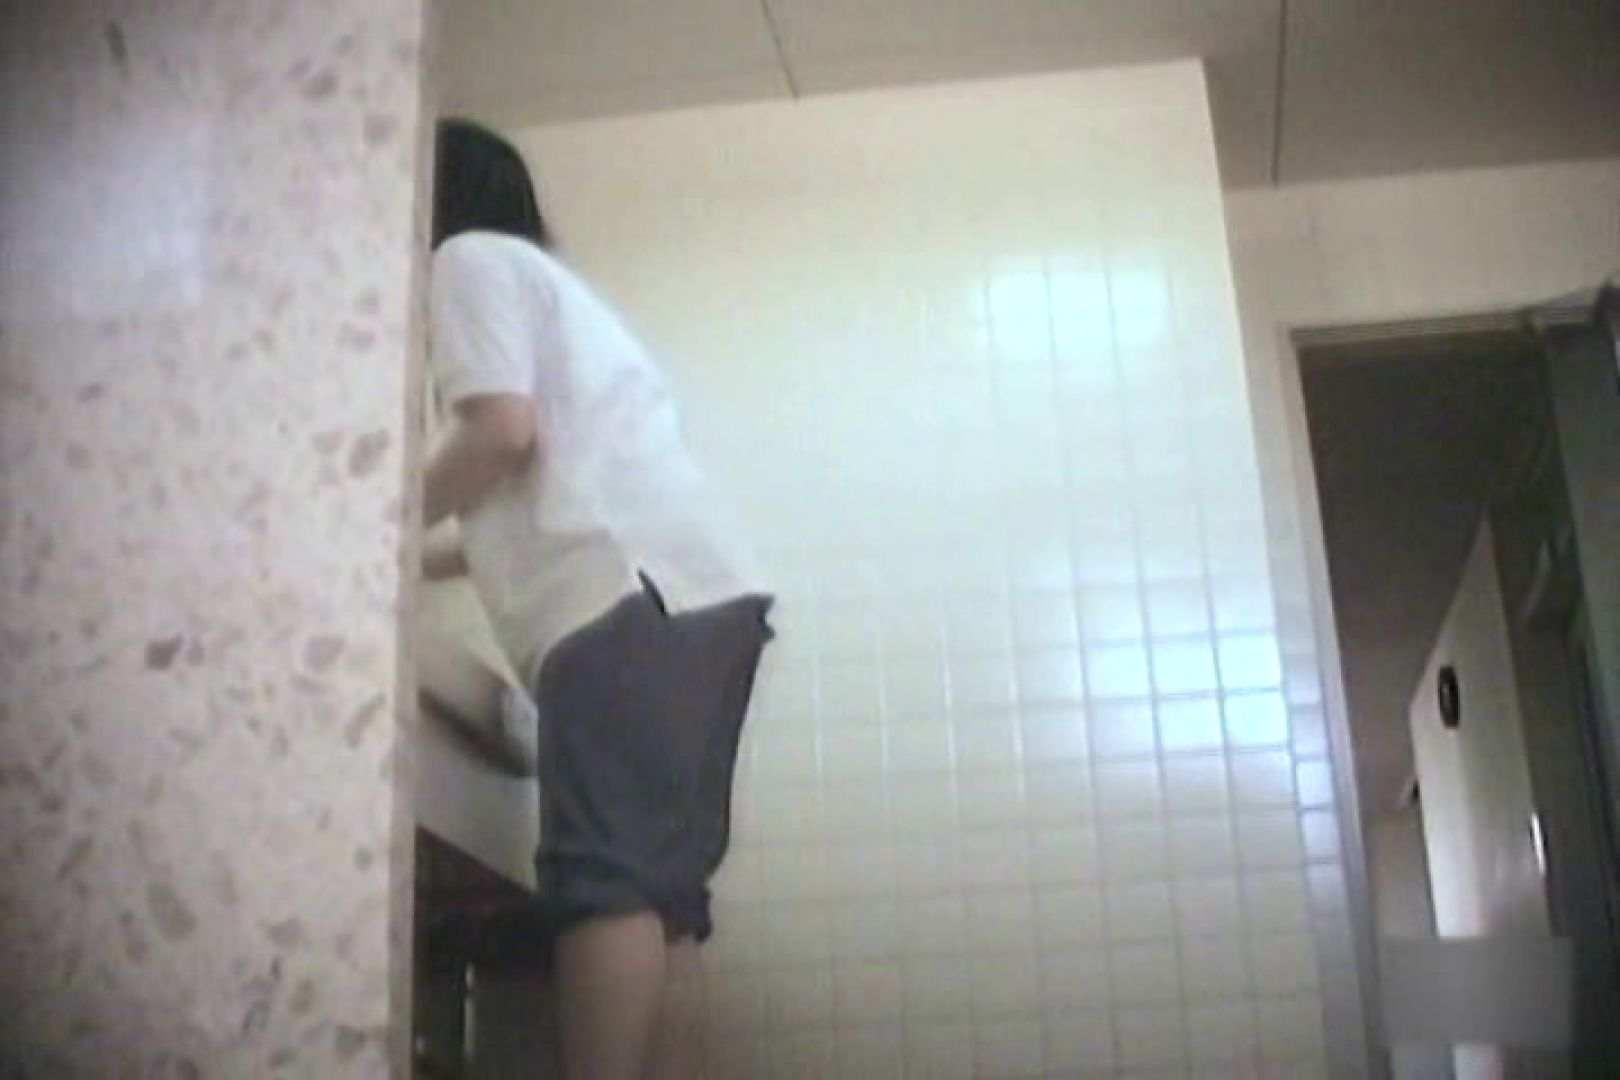 突撃!!看護学校女子洗面所!!Vol.7 エロティックなOL オマンコ無修正動画無料 65画像 22